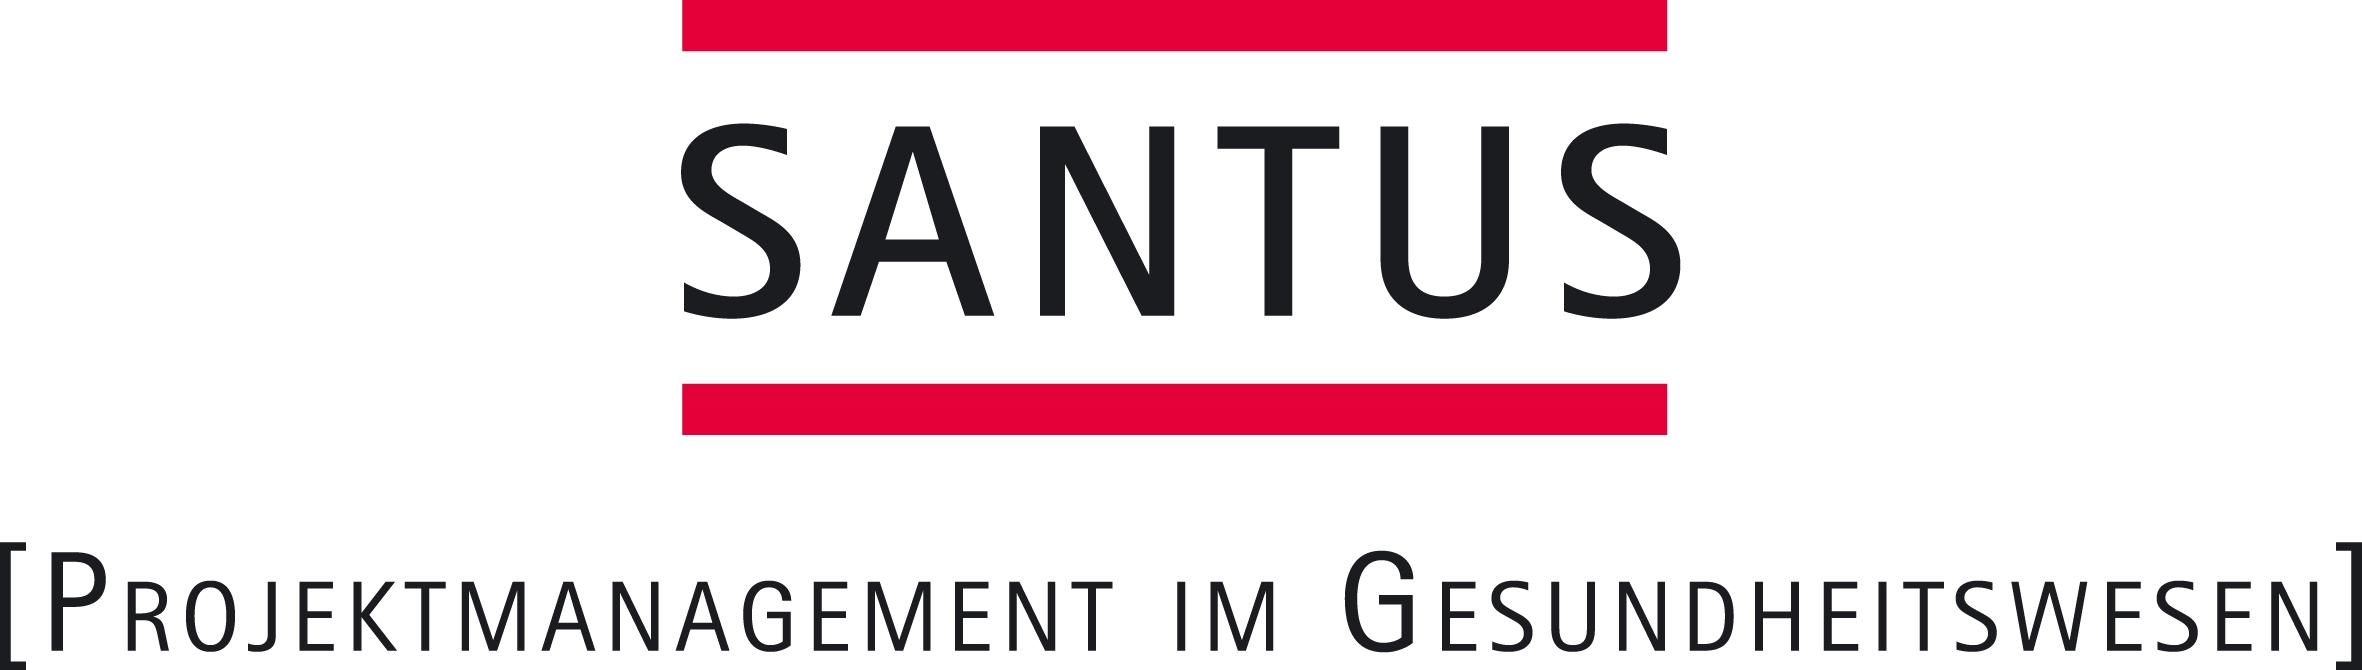 SANTUS - Projektmanagement im Gesundheitswesen GmbH